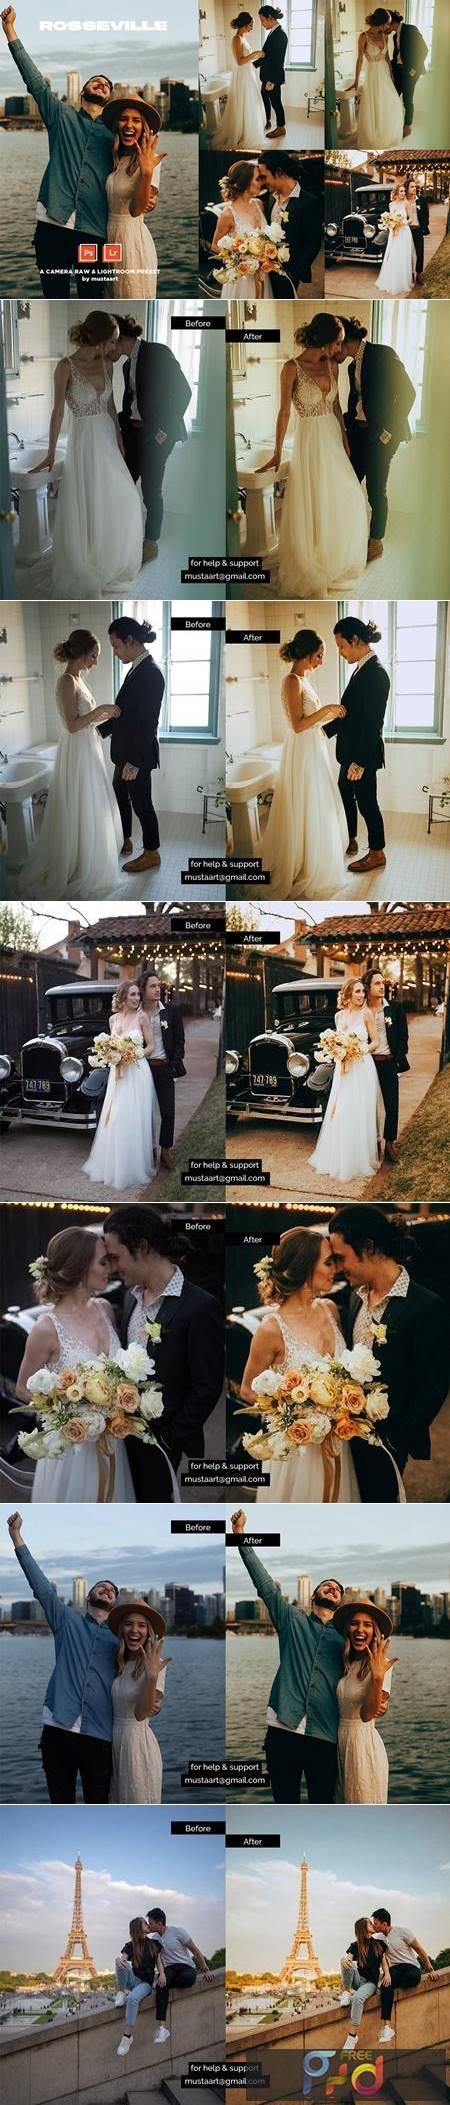 Rosseville - Natural Light Wedding 4987744 1